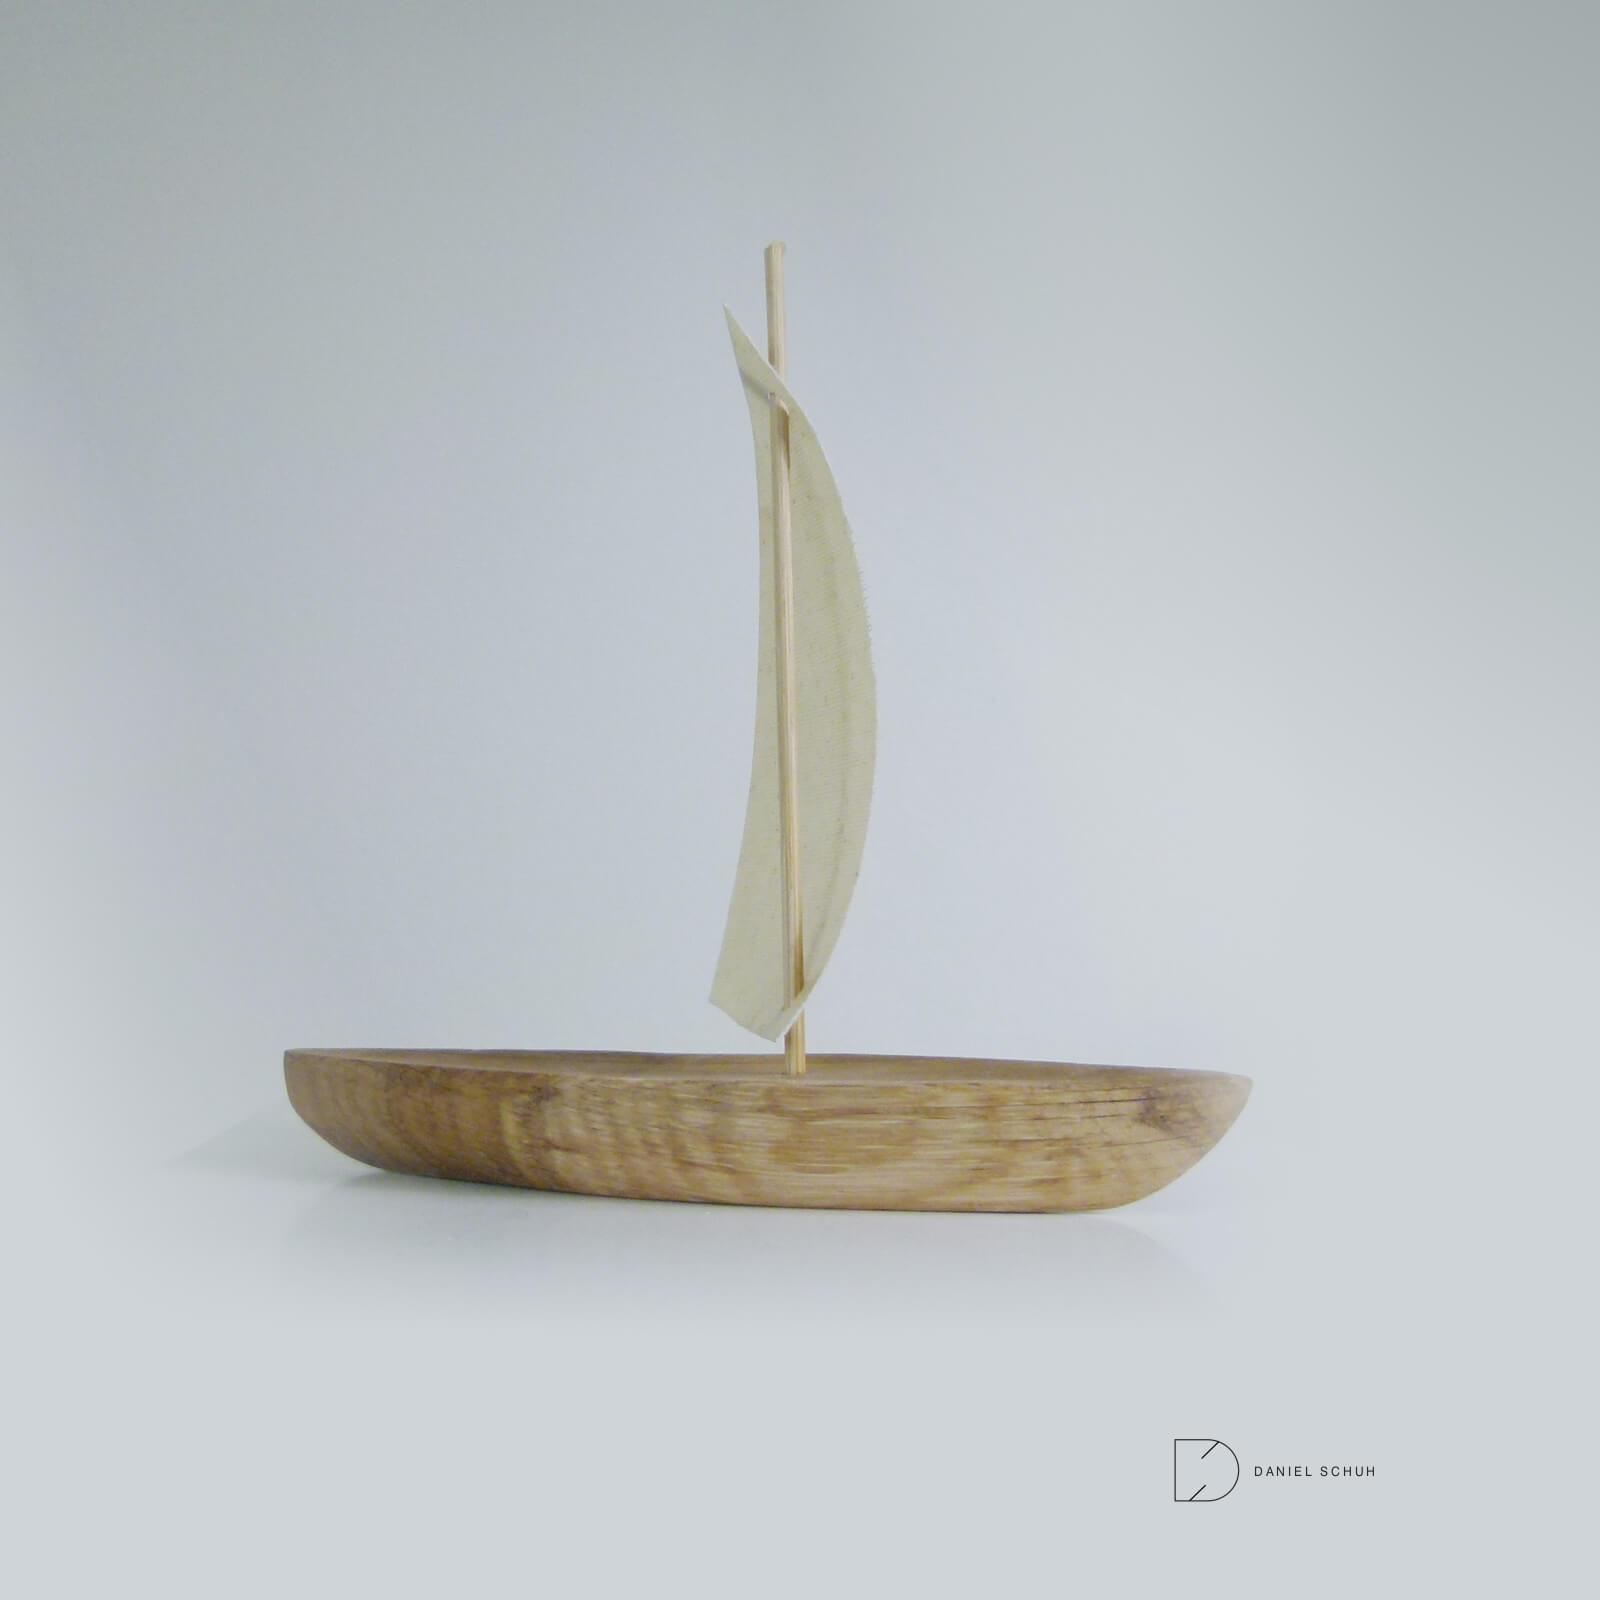 holzboot-deko-boot-segelschiff-deko-schiffchen-segelboot(1)